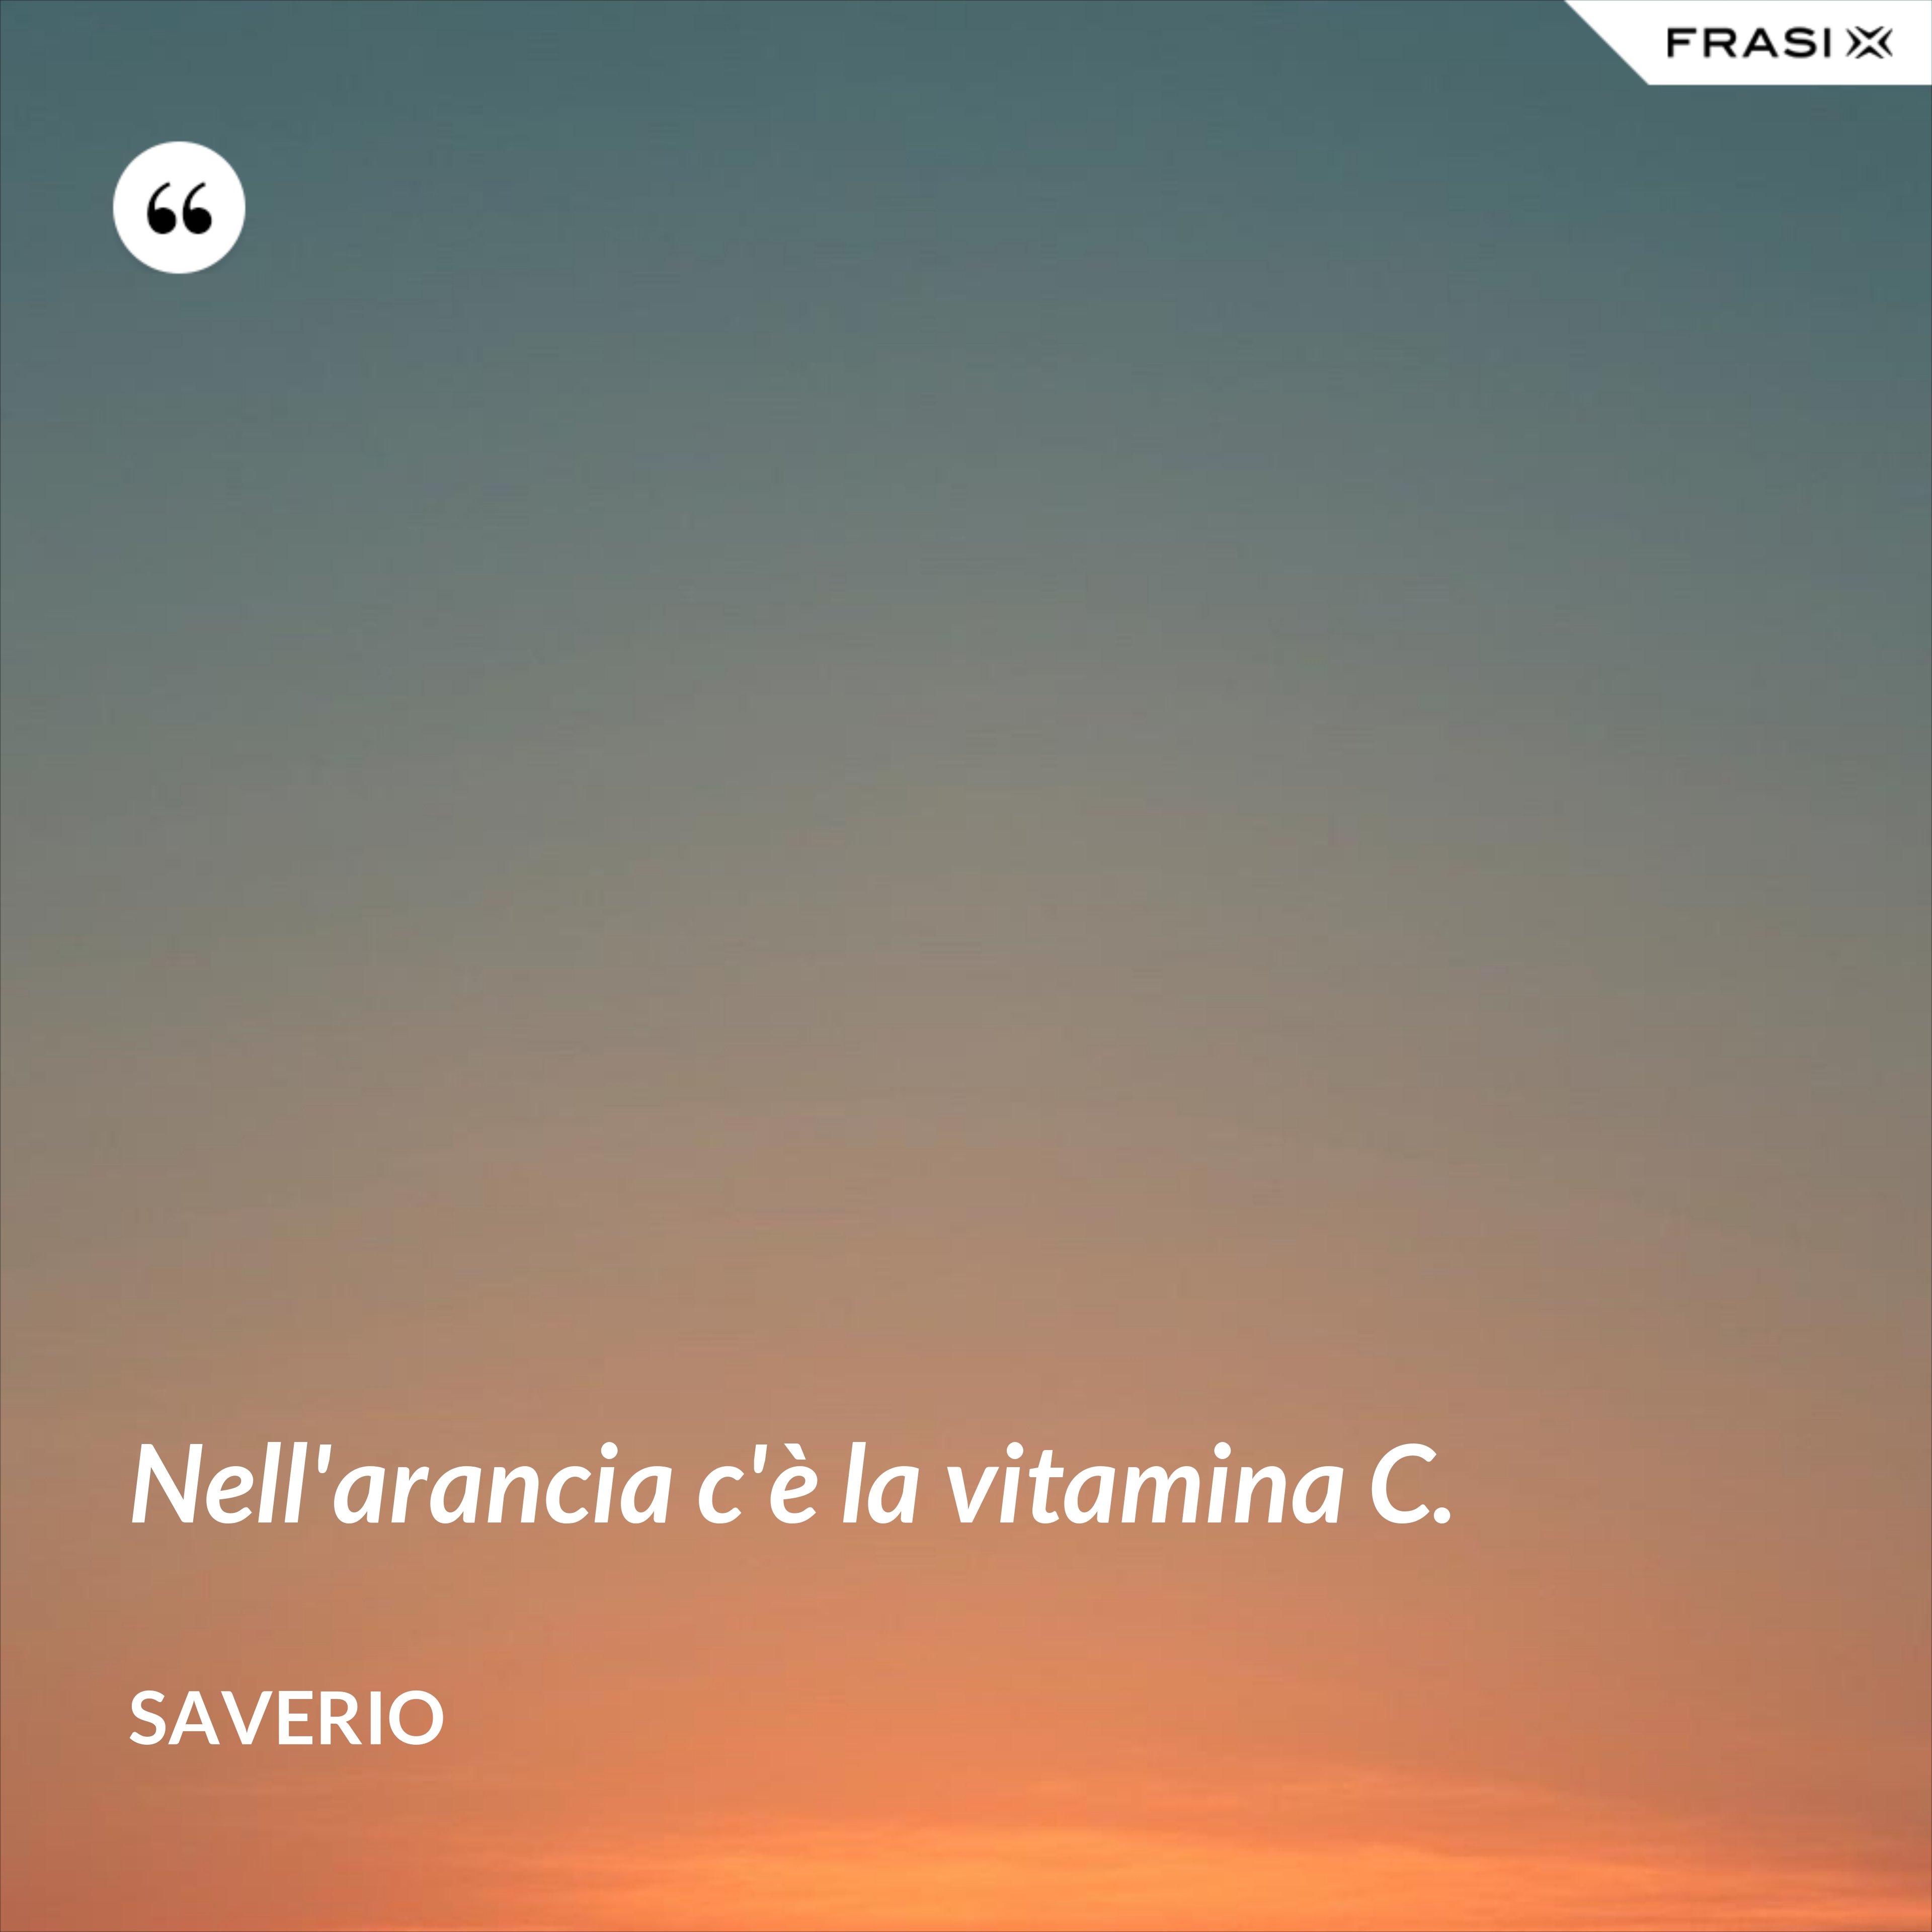 Nell'arancia c'è la vitamina C. - Saverio